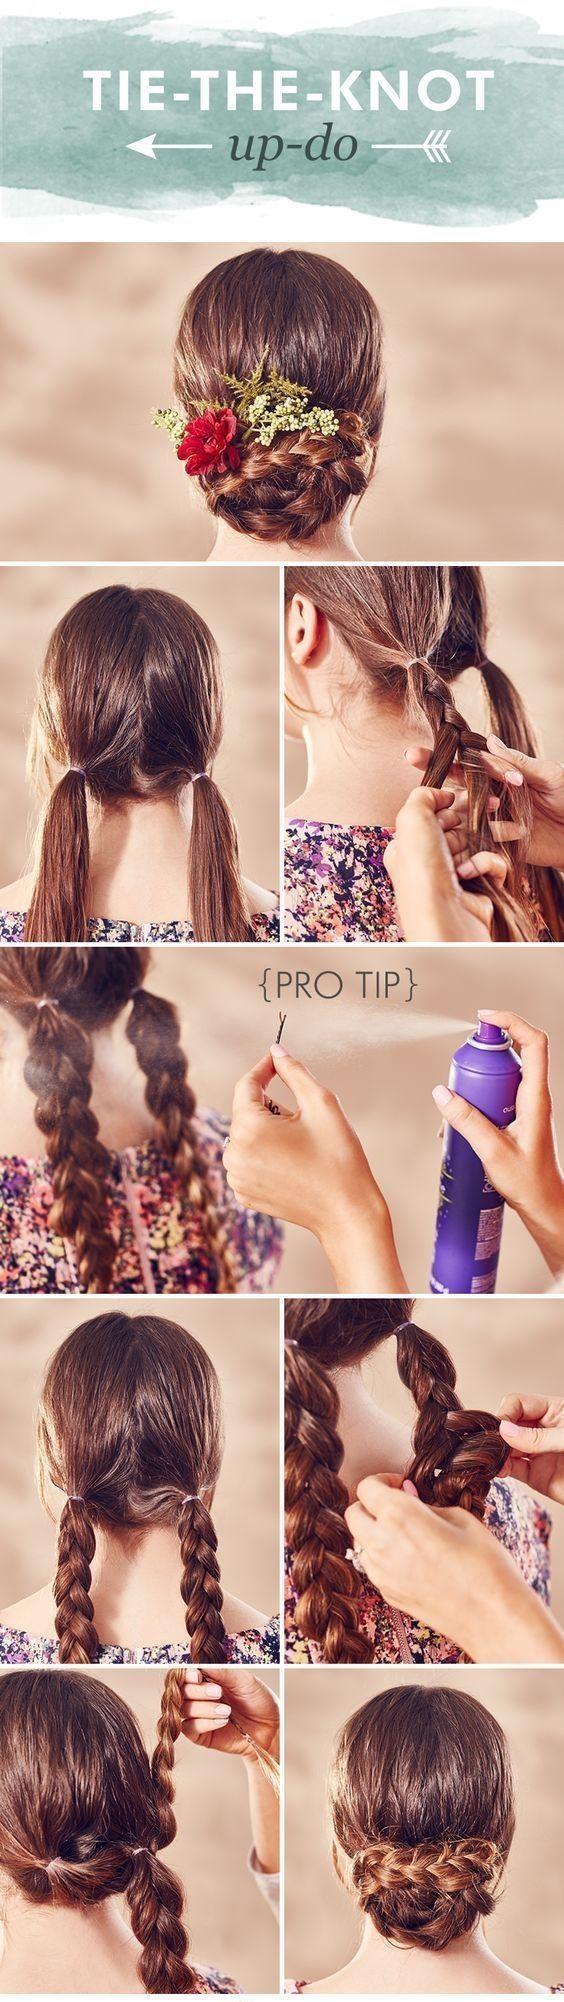 Lluvia de ideas probar peinados Imagen de estilo de color de pelo - Checa los peinados más bonitos y fáciles para probar esta ...